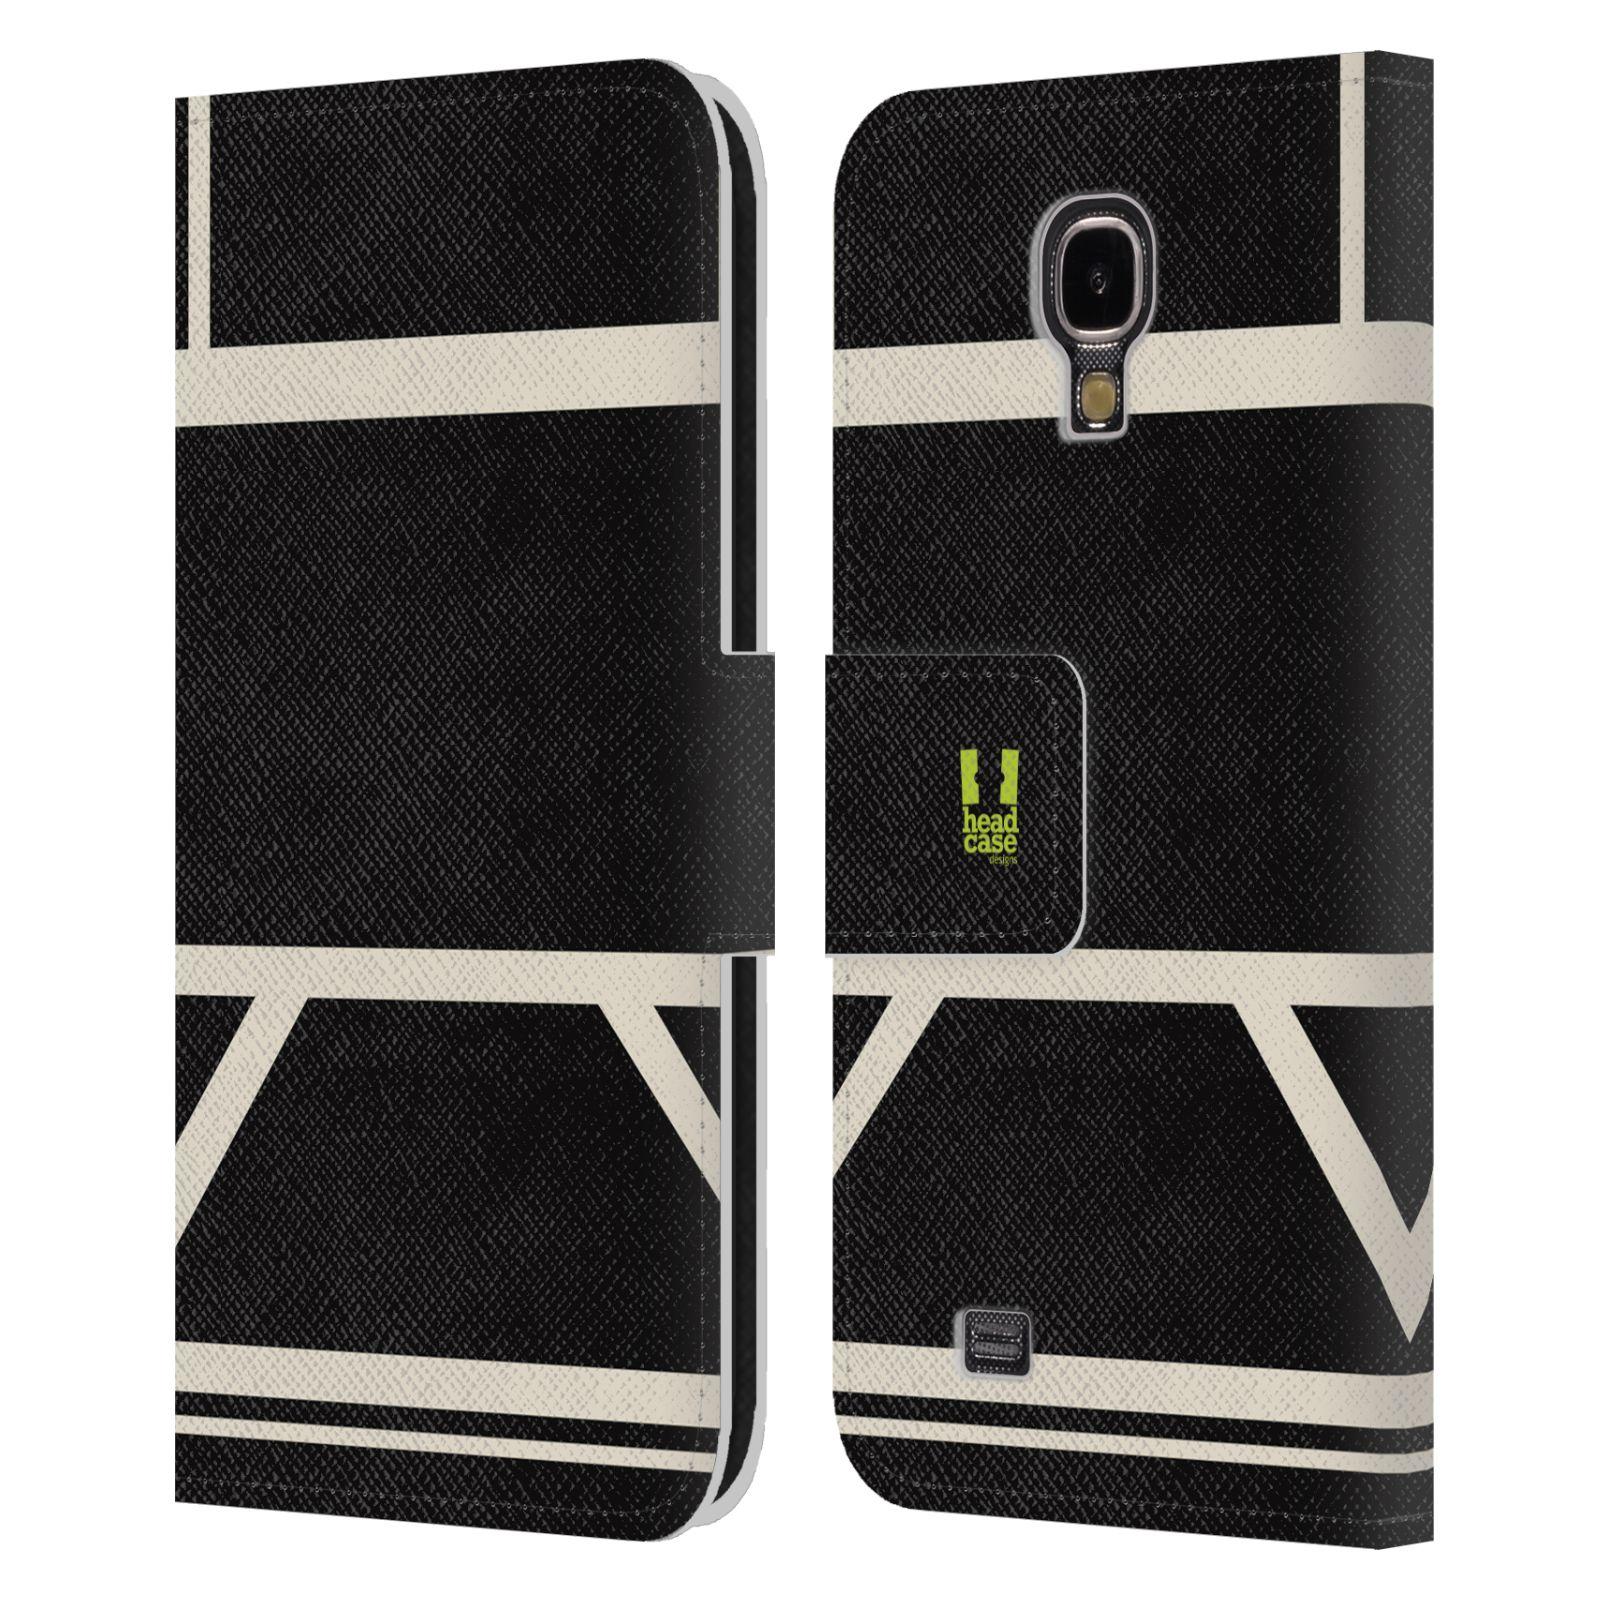 HEAD CASE Flipové pouzdro pro mobil Samsung Galaxy S4 I9500 barevné tvary černá a bílá proužek